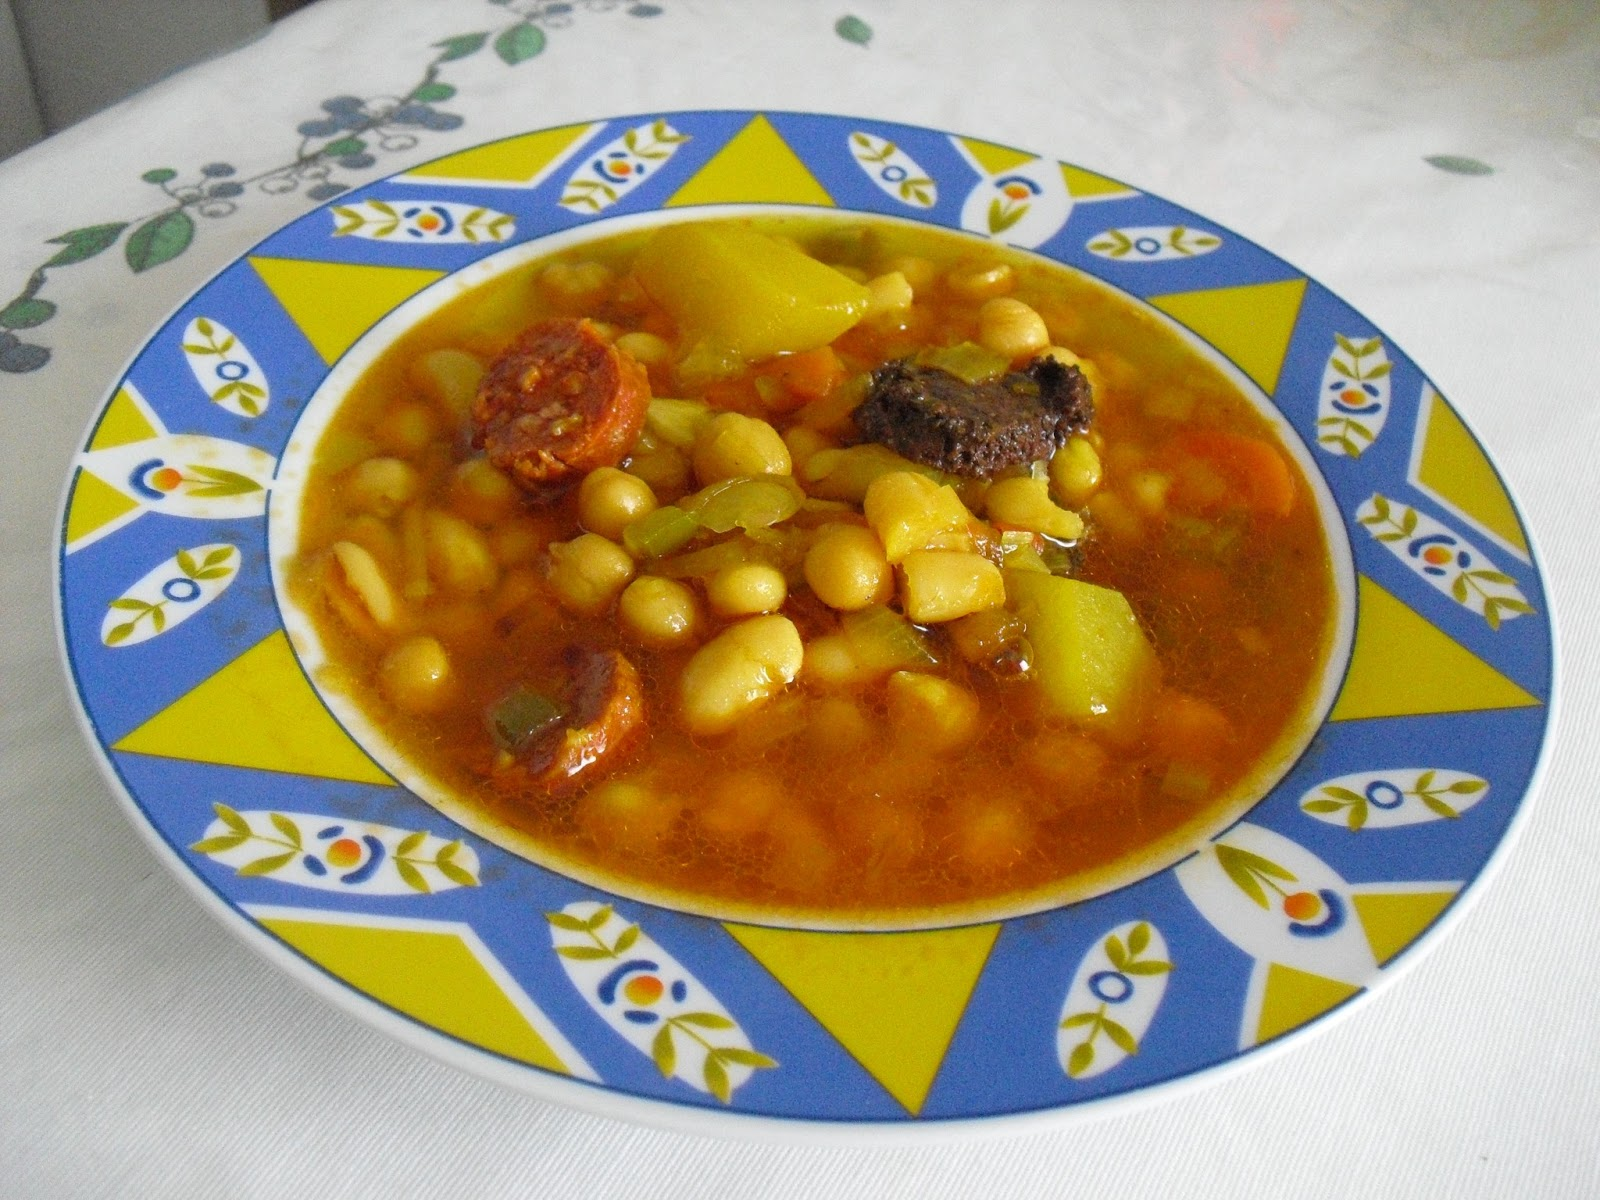 La buena cocina f cil potaje de garbanzos con judias - Potaje de garbanzos y judias ...